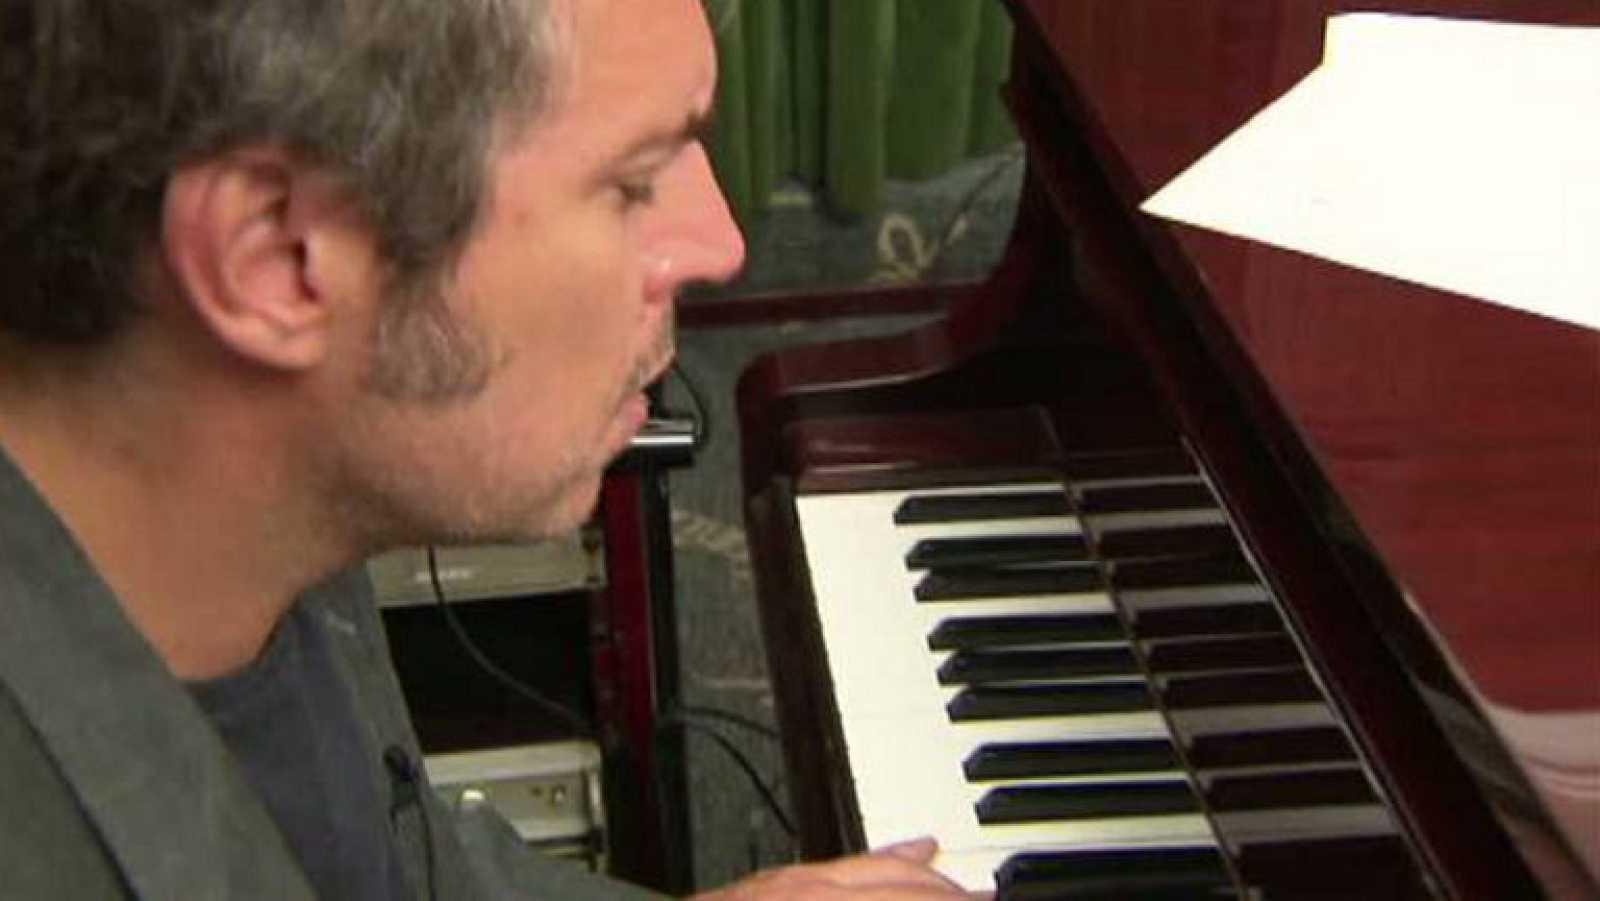 """Iván Ferreiro interpreta """"Una inquietud persigue mi alma"""" en acústico - Ver ahora"""